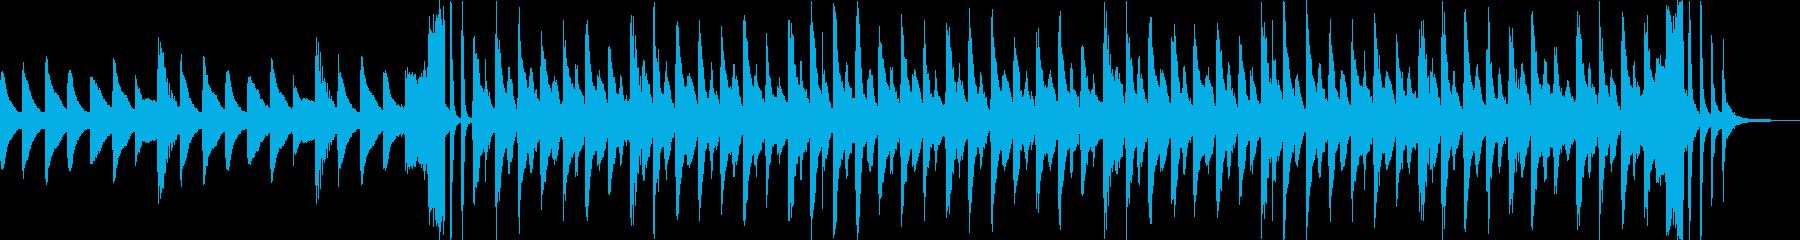 映像CM、ポリリズム・現代的ハウス・奇妙の再生済みの波形